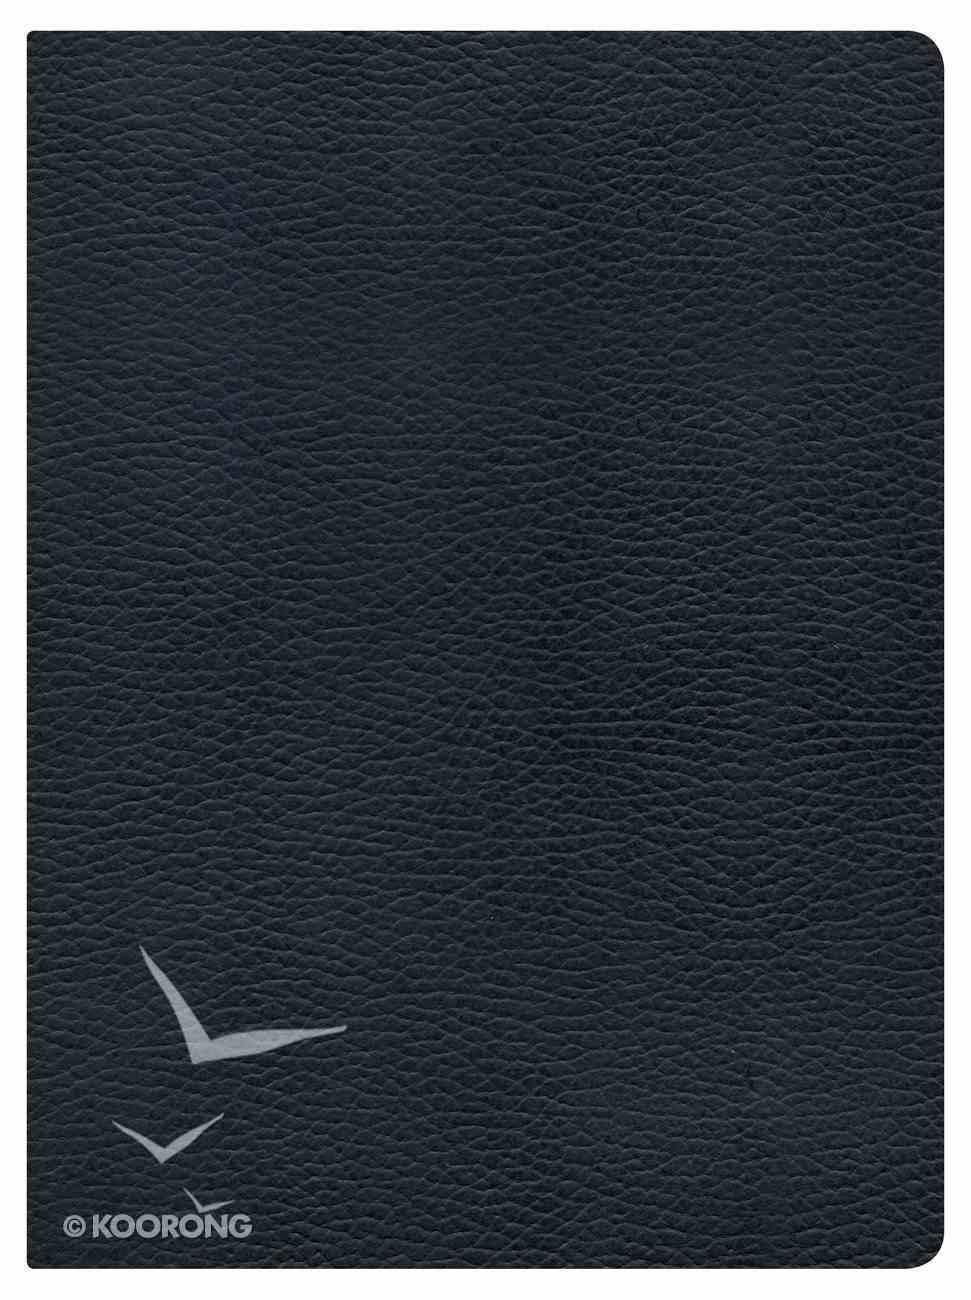 NKJV Holman Study Bible Black Indexed Genuine Leather